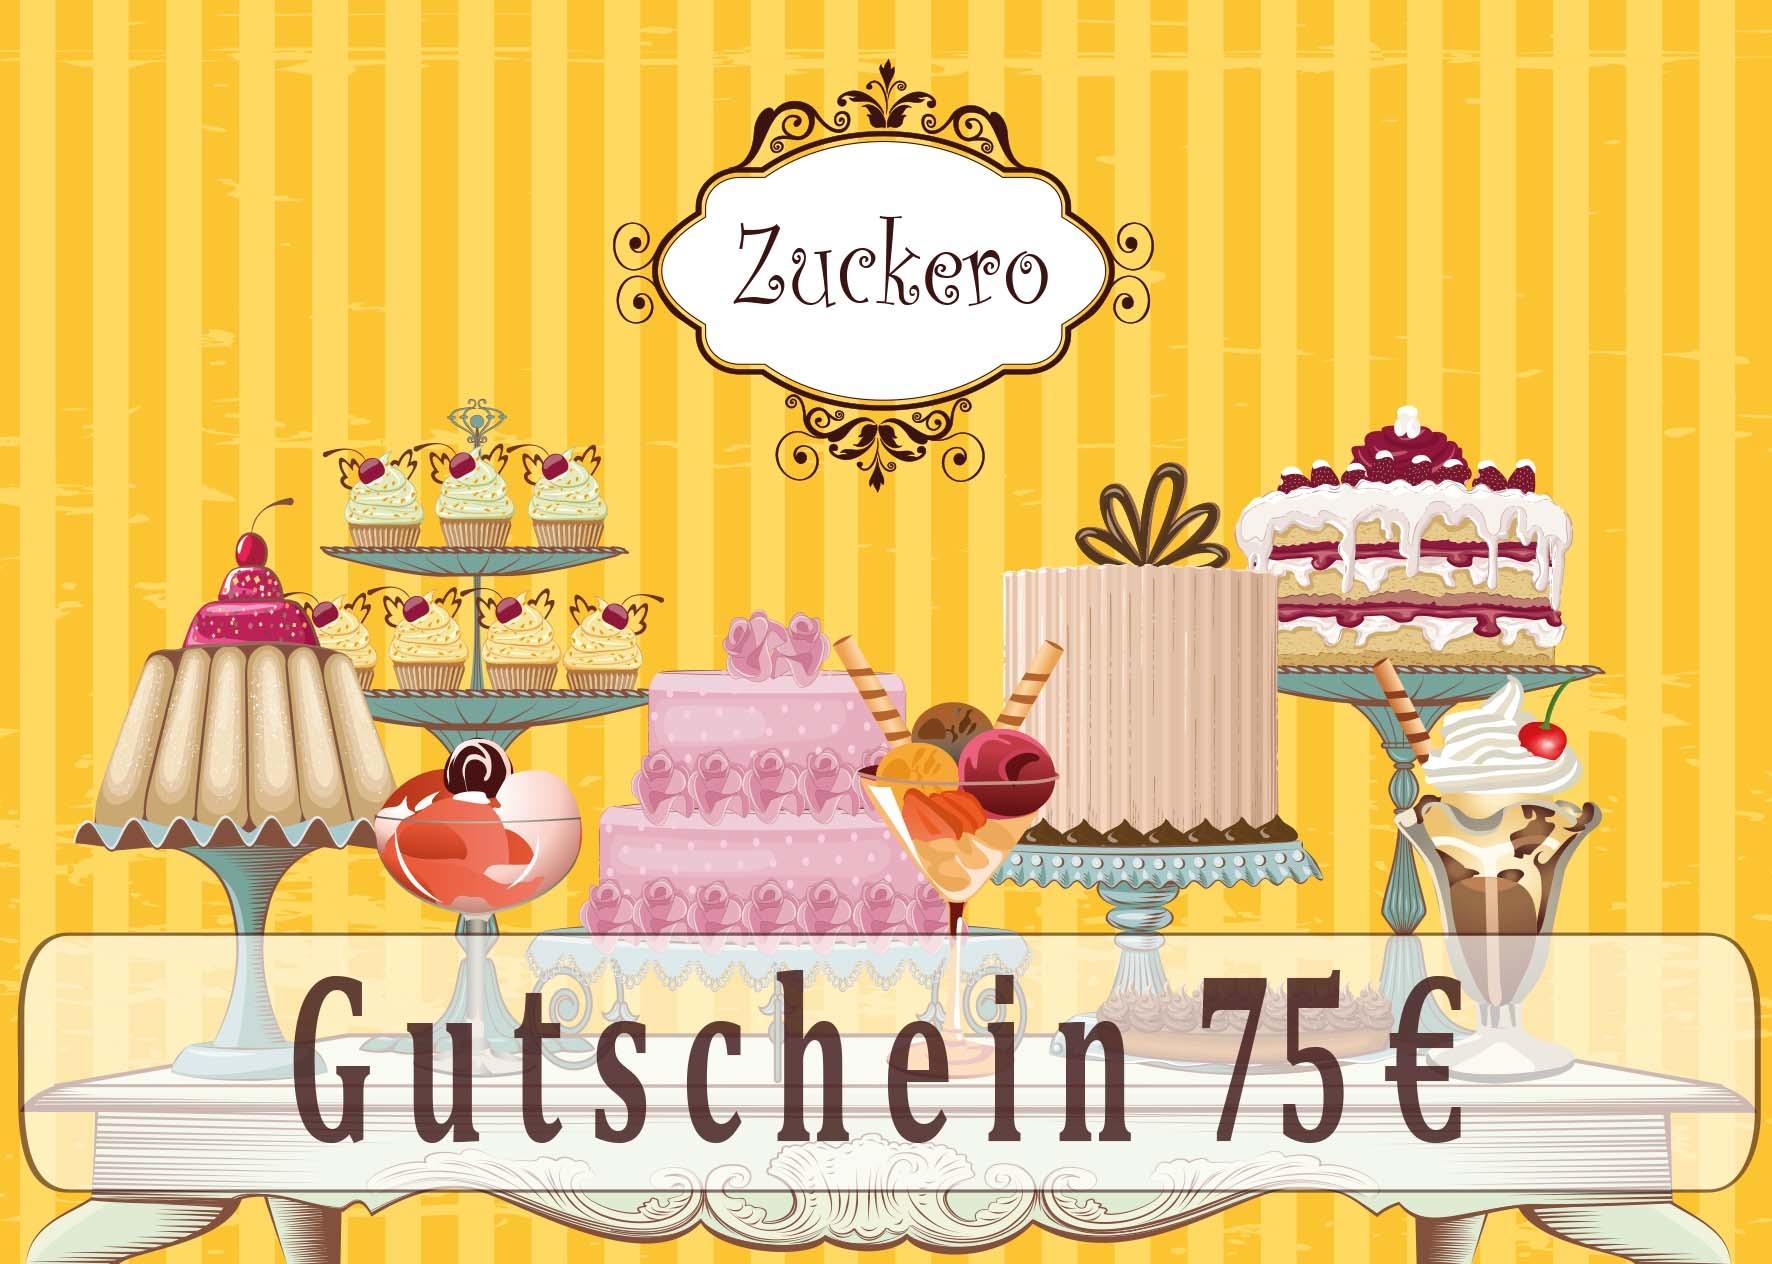 Gutschein_75_EUR_0002.jpg